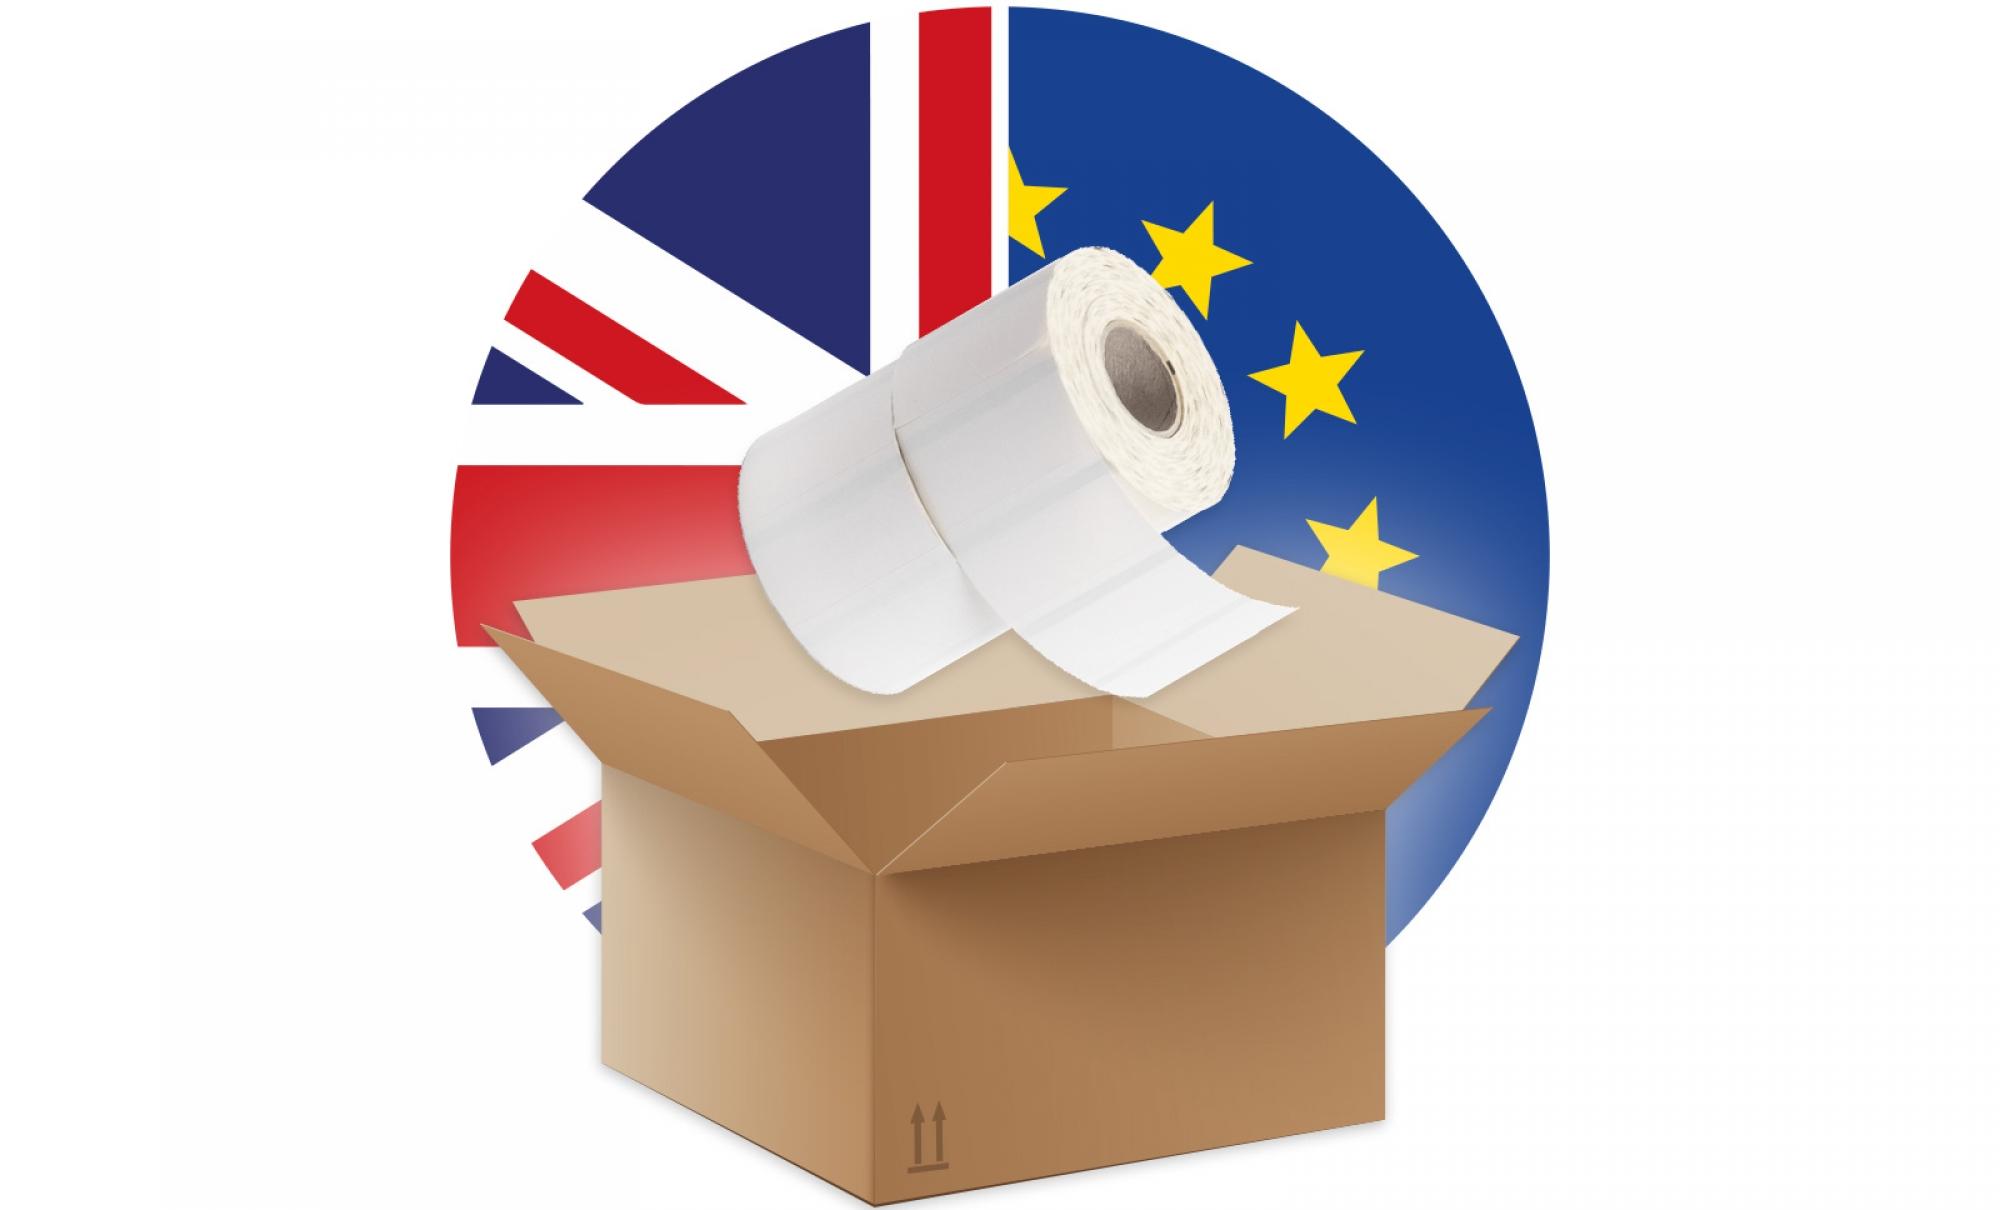 Livraison en Europe et au Royaume-Uni